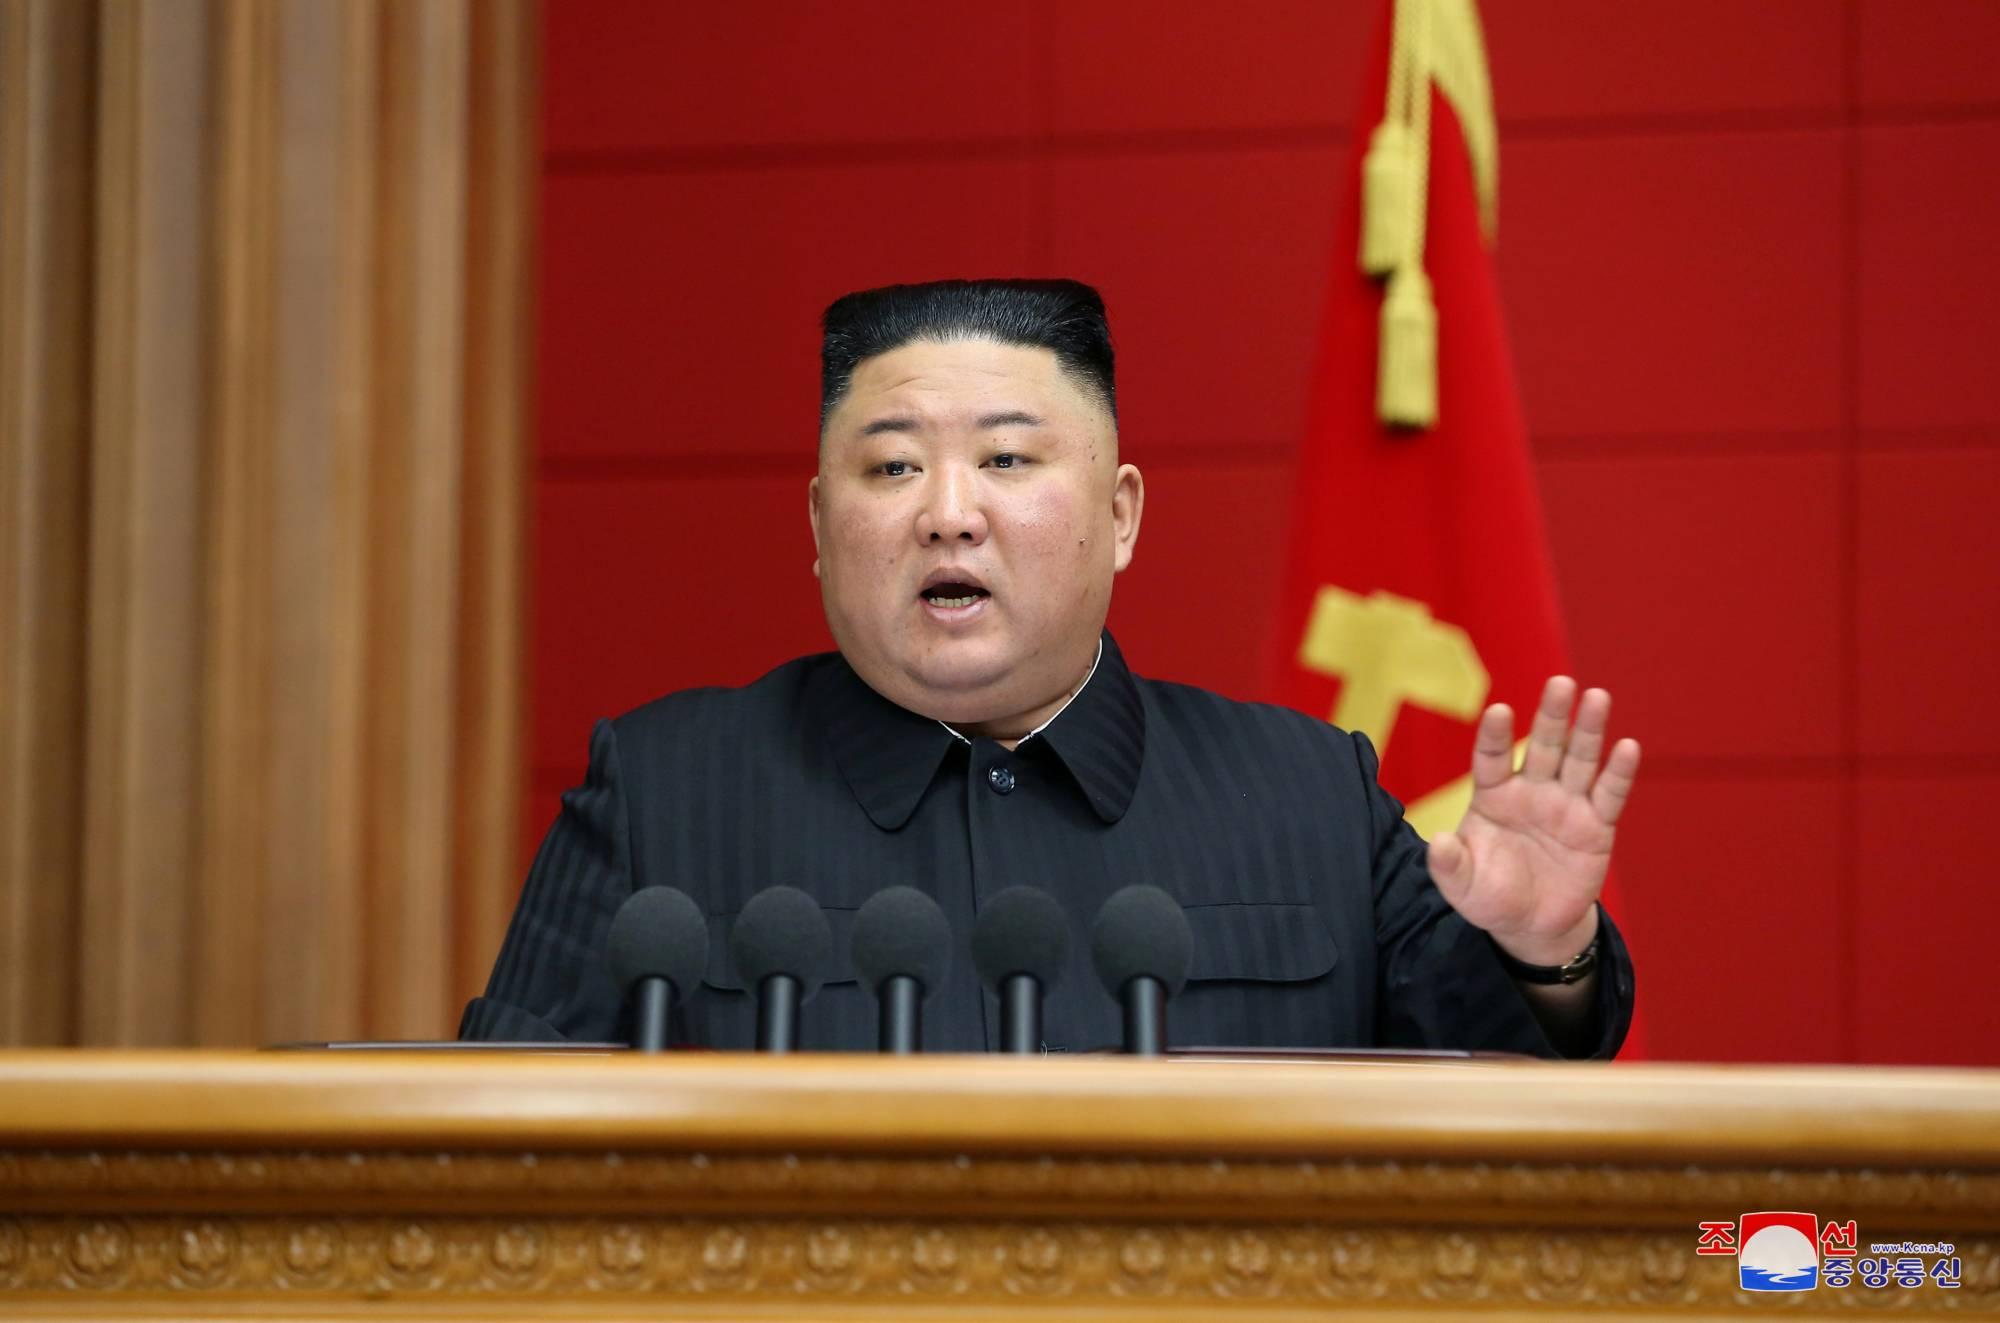 Top lucruri interesante pe care nu le cunoașteți despre Kim Jong-un, conducătorul Coreei de Nord